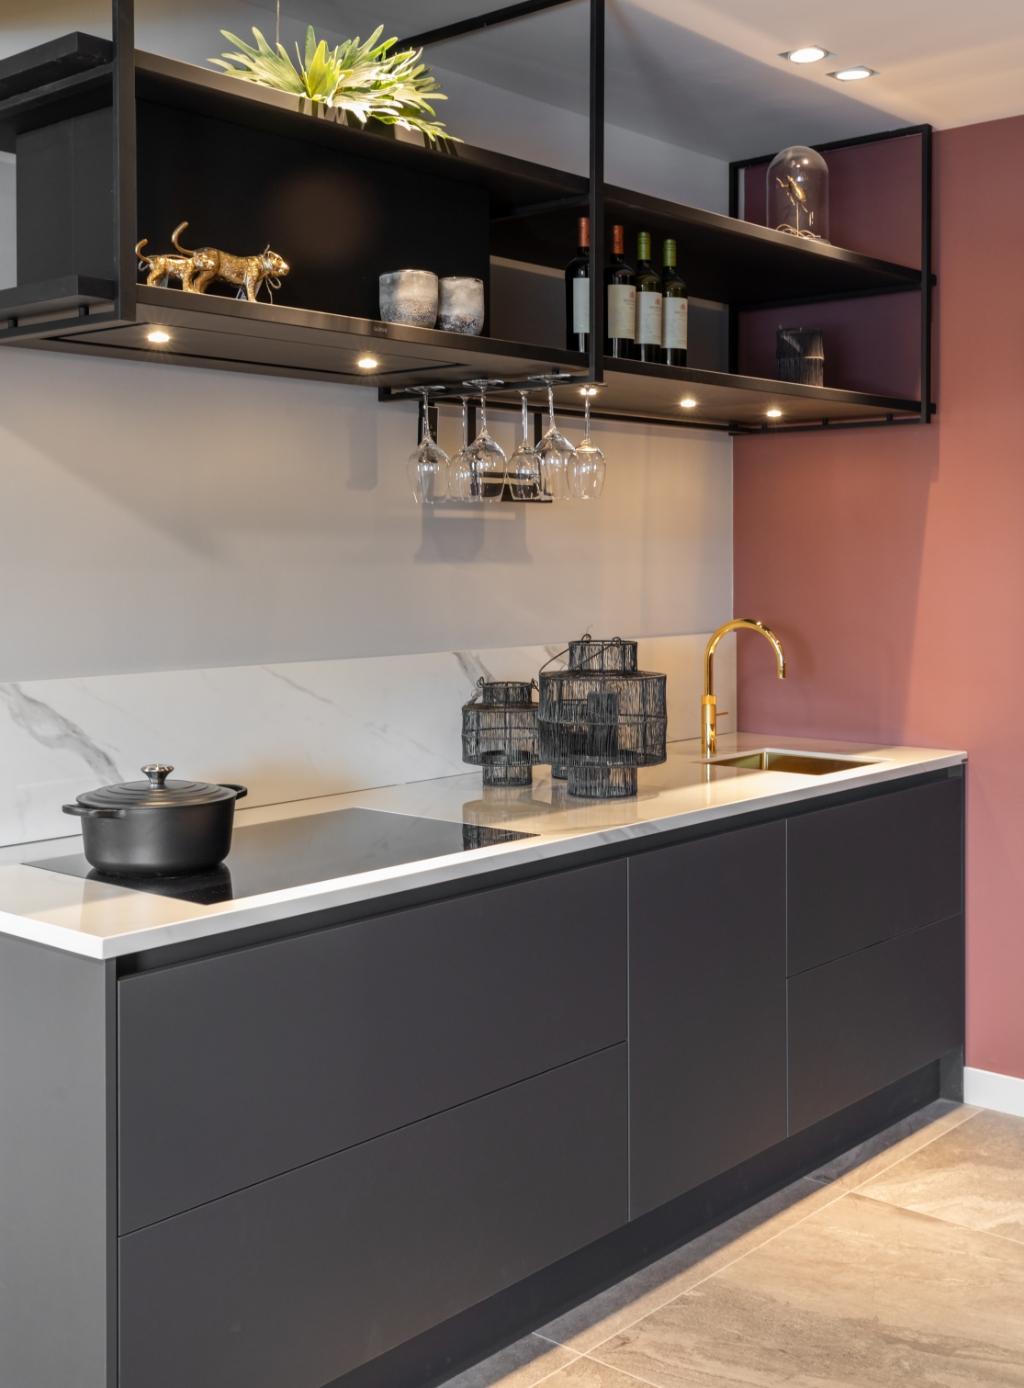 Antracietkleurige greeploze keuken met marmerlook werkblad. Om de keuken een eigentijds stempel te geven is gekozen voor een opvallende goudkleurige Quooker. Nanette de Jong Fotografie © BDU media